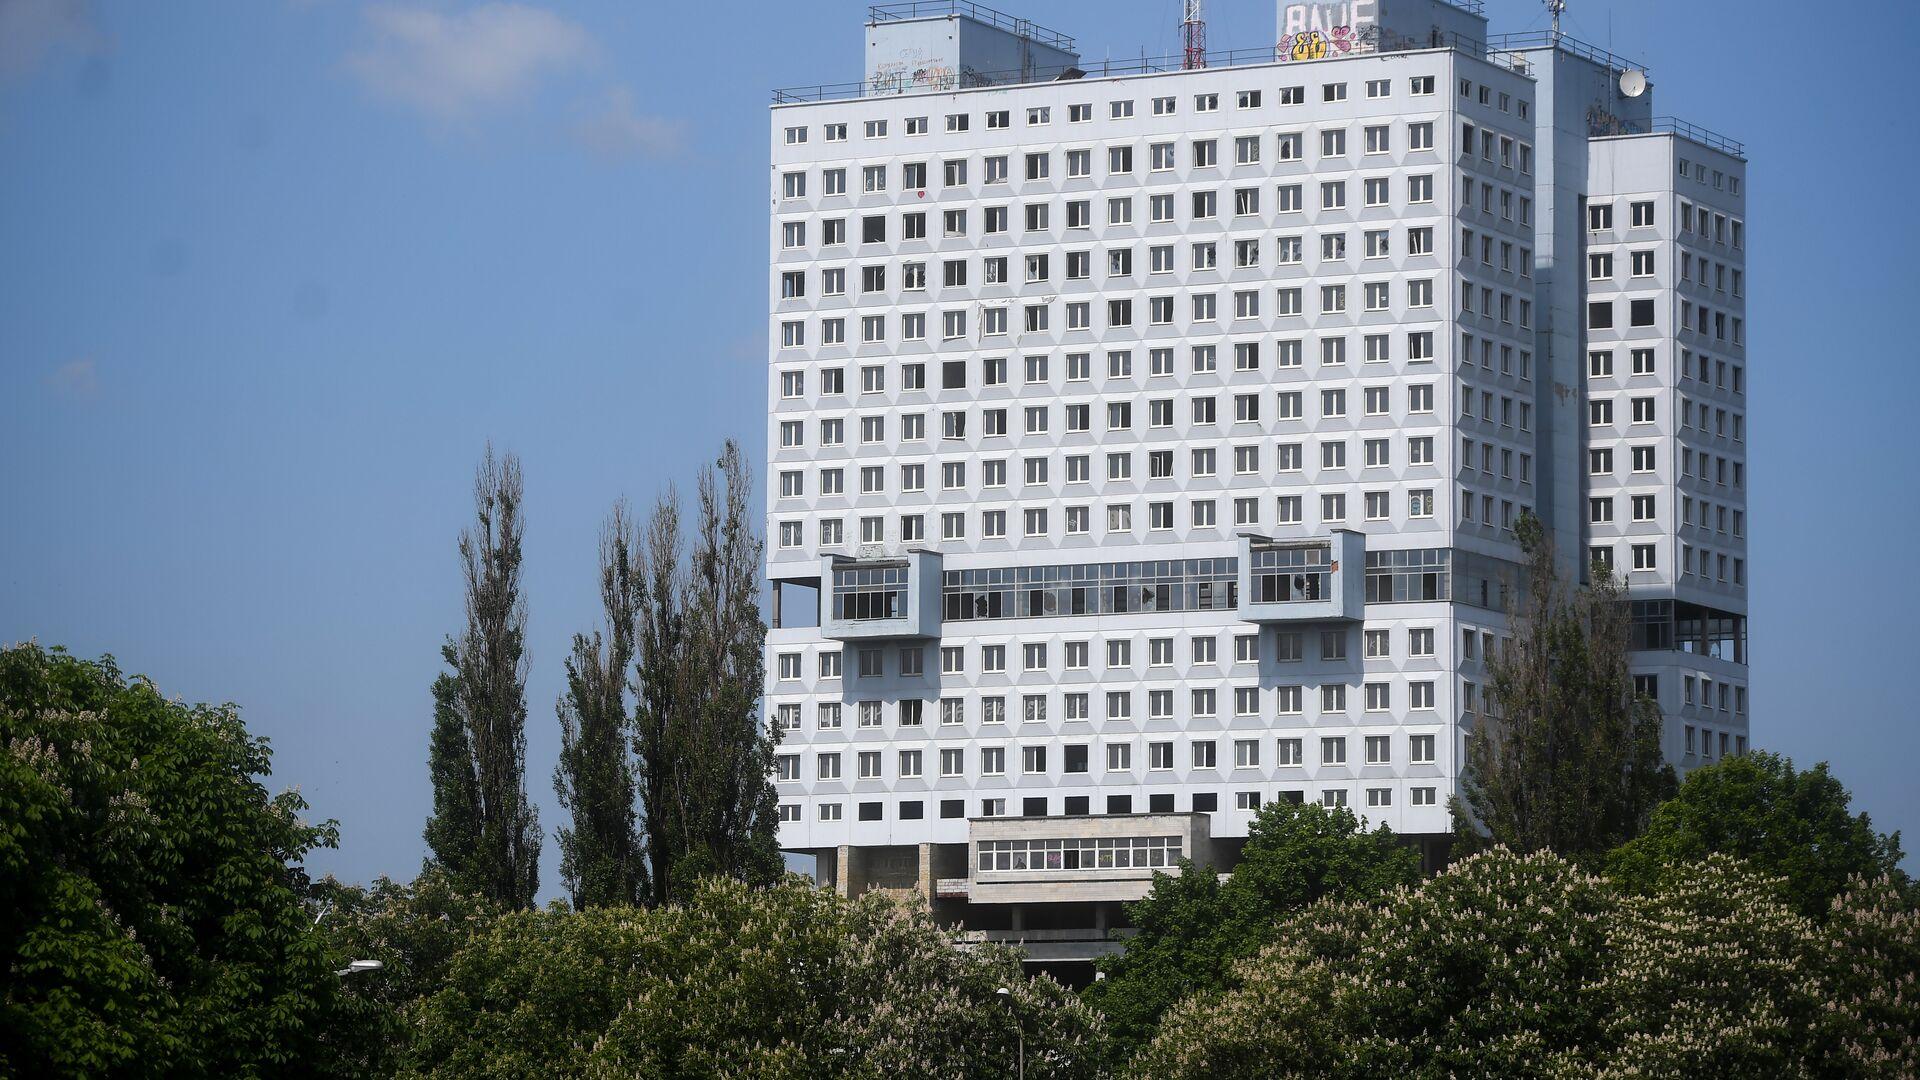 Дом Советов в Калининграде - РИА Новости, 1920, 17.03.2021